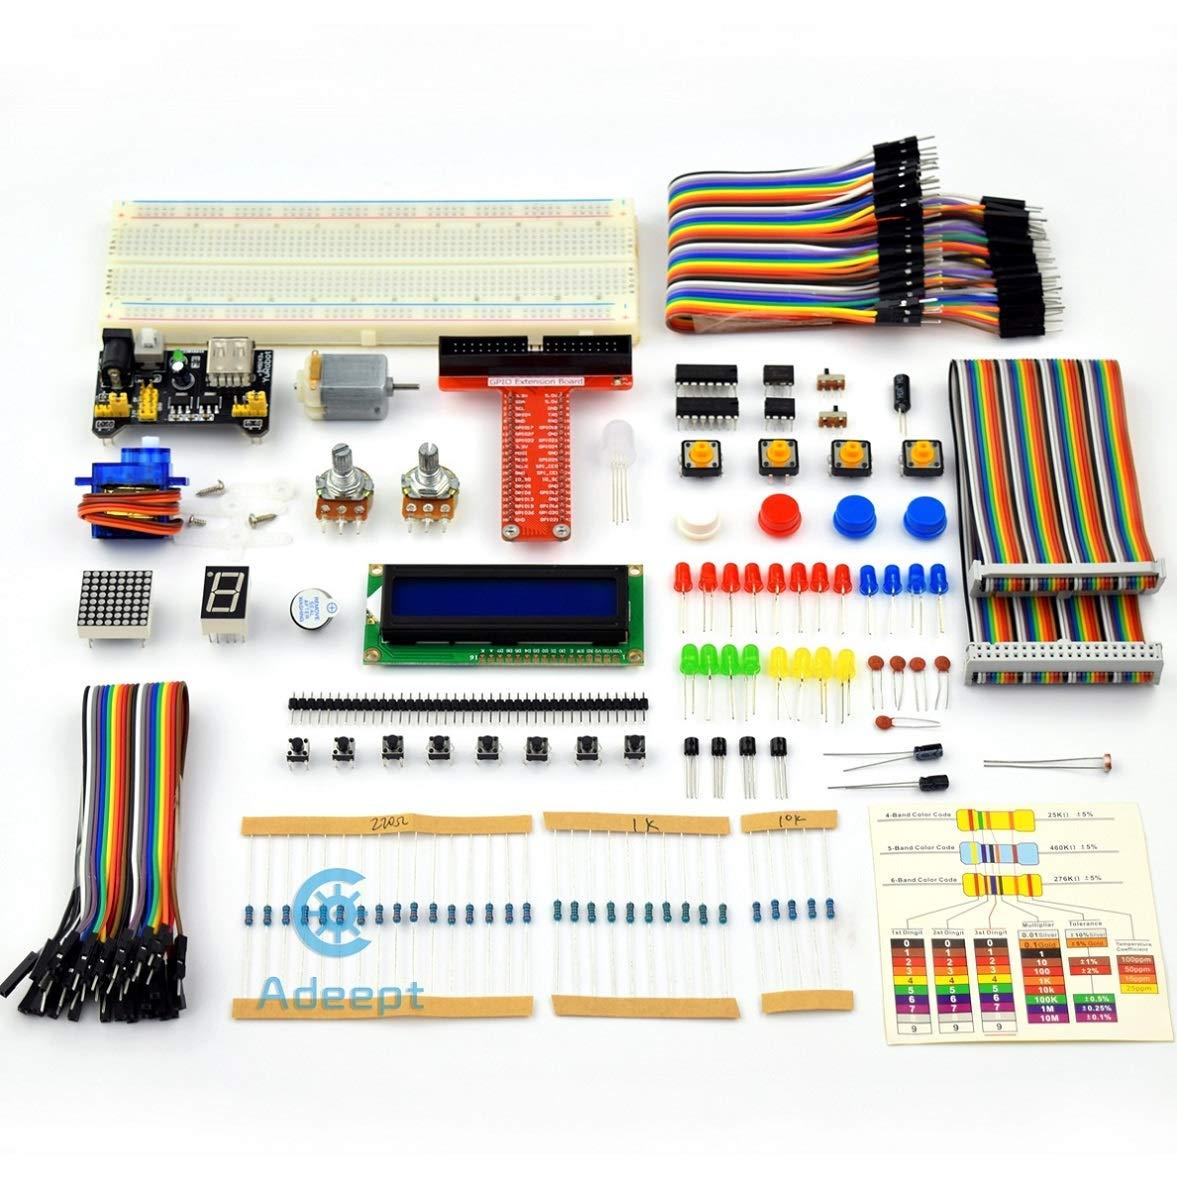 Adeept Super Starter Kit For Raspberry Pi 3 2 Model B Lcd1602 Beginner Electronic Circuits